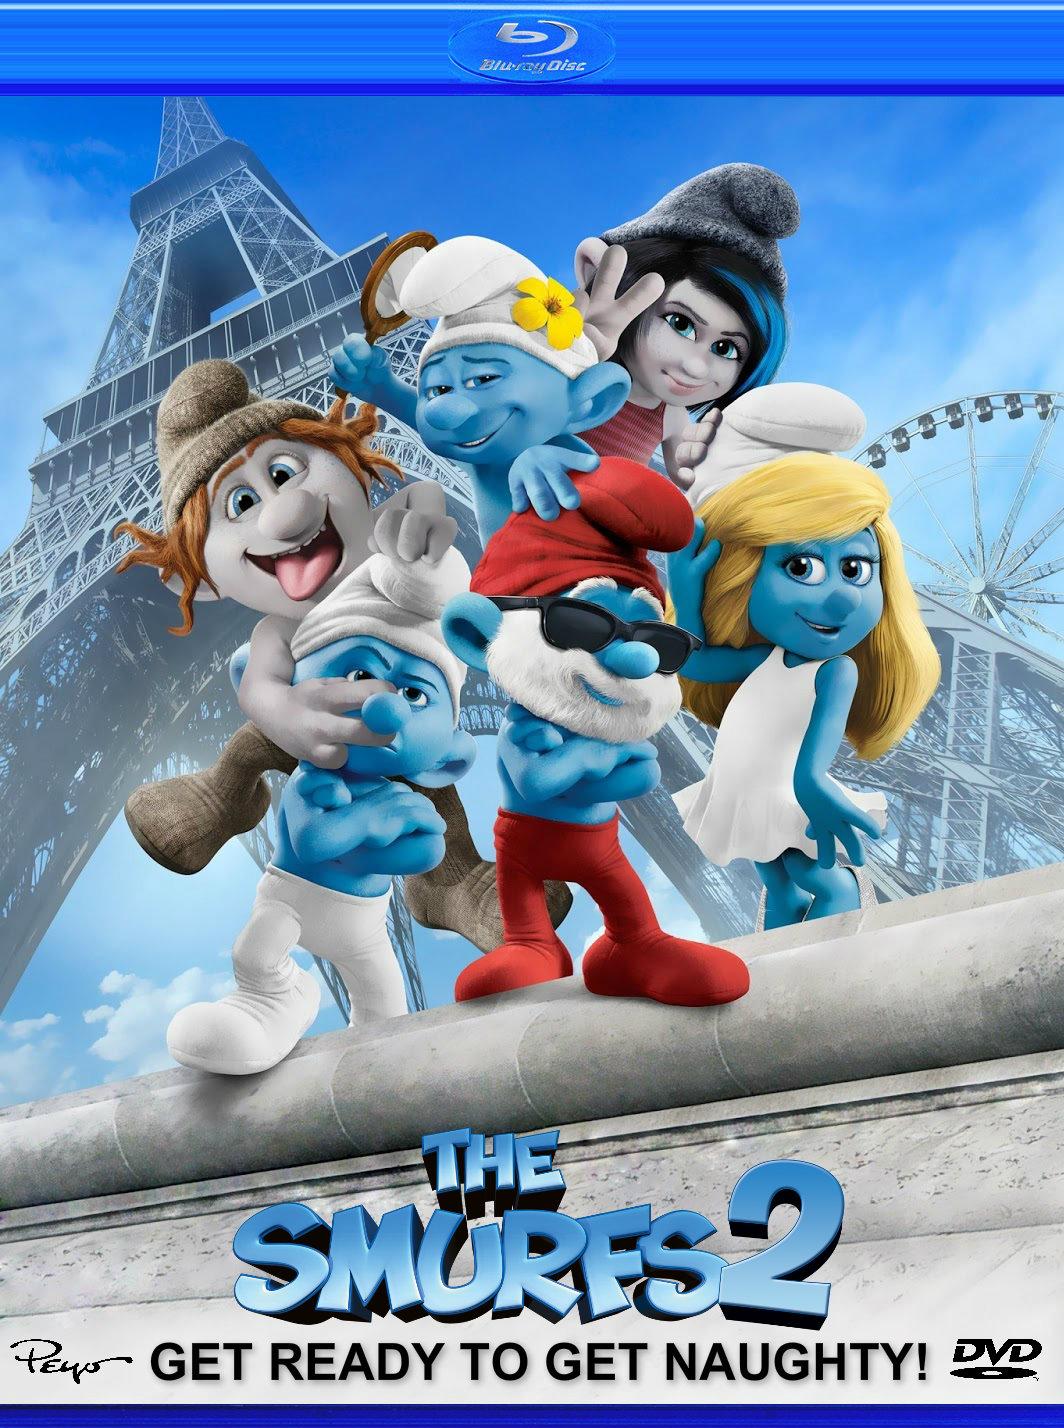 the smurfs 2 (2013) english movie   hdwapmovies